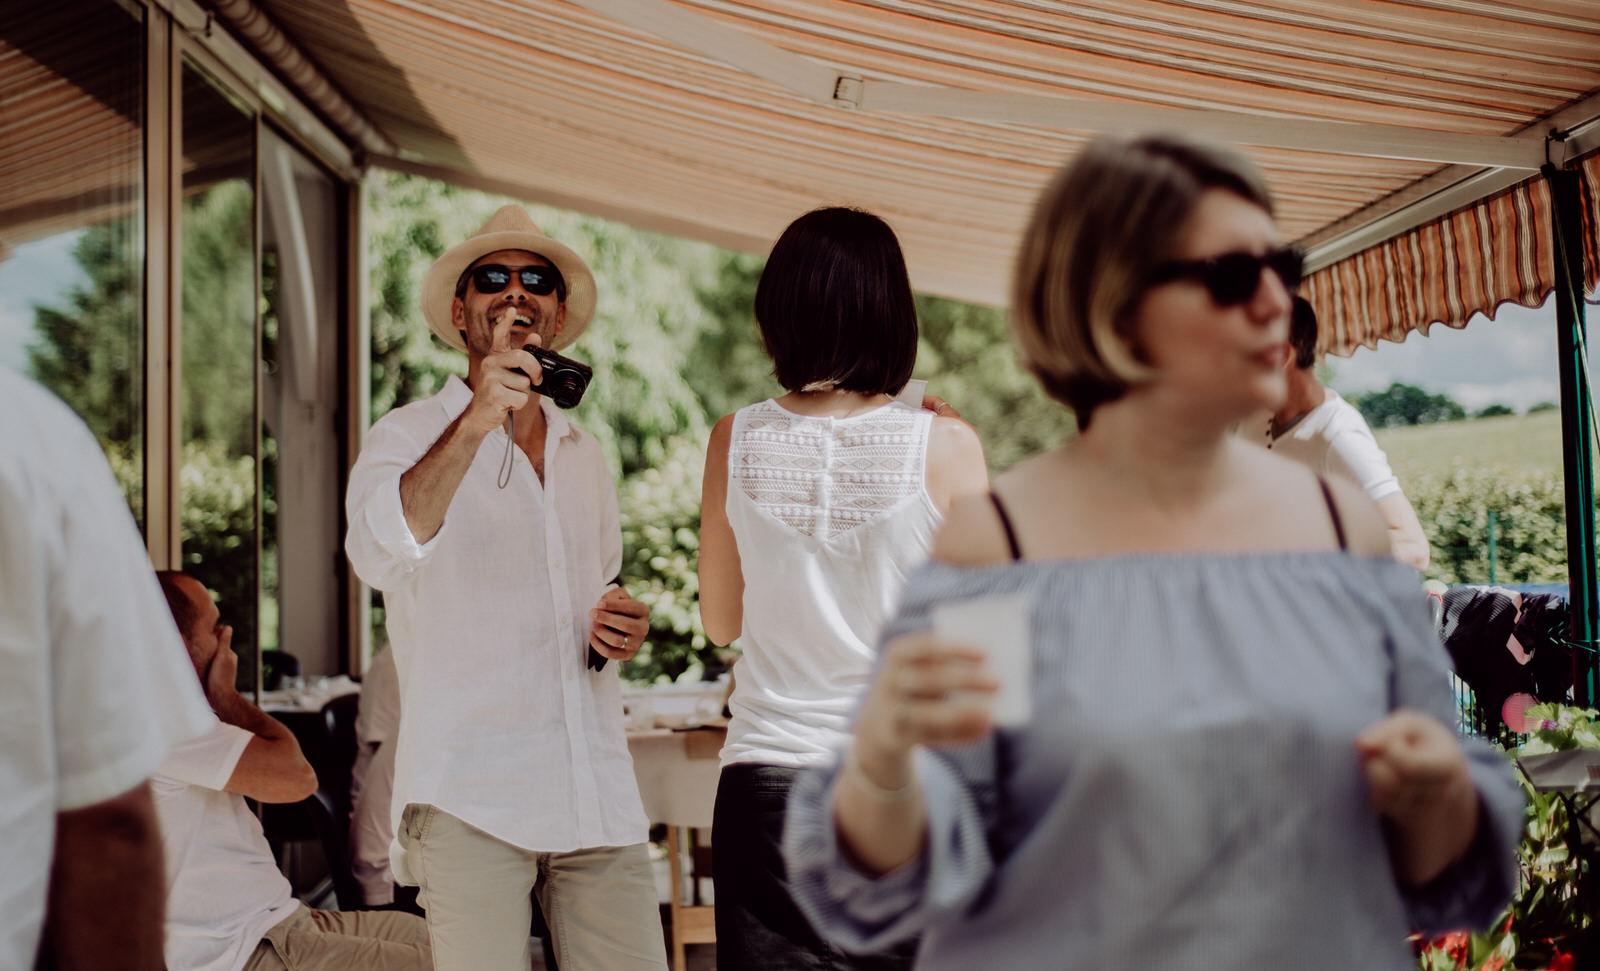 Photographe de mariage en gironde, anniversaire